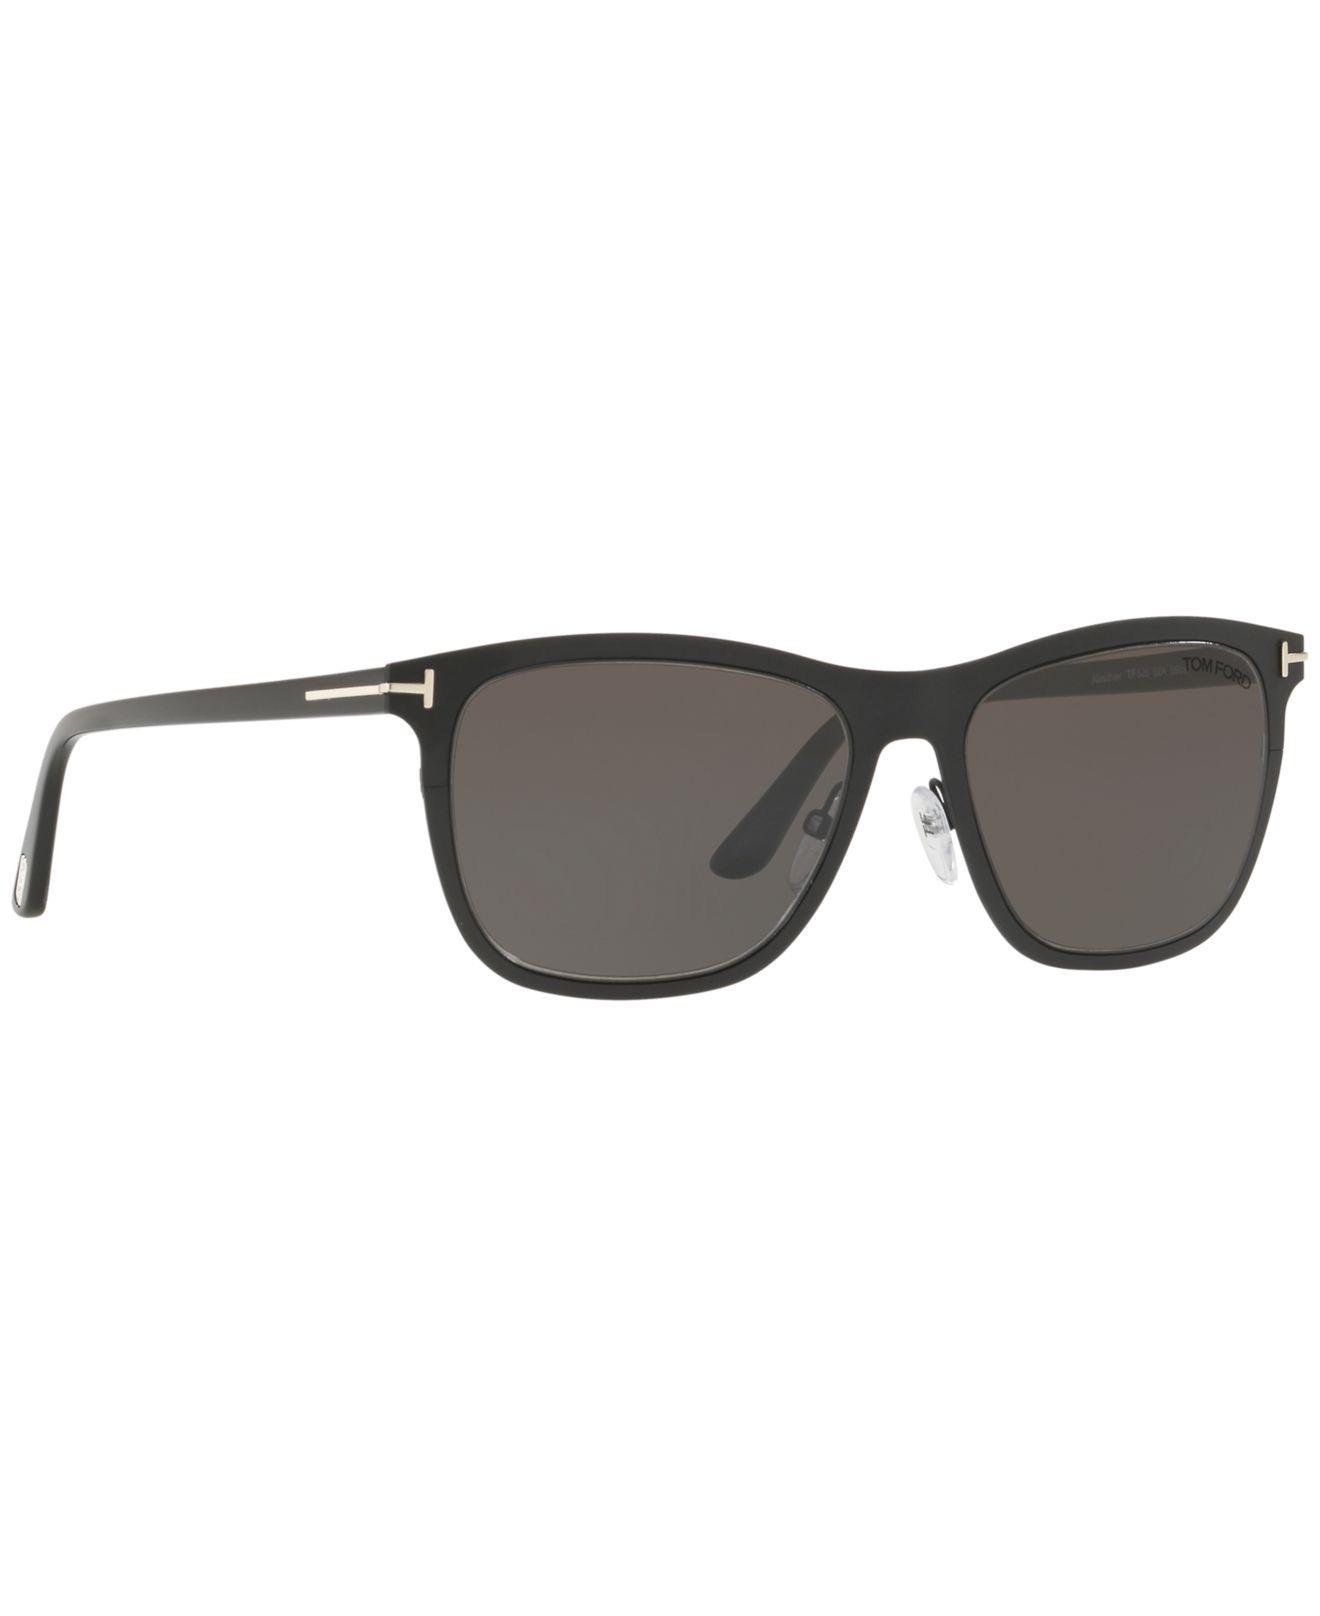 626c61de1e5 Lyst - Tom Ford Tr000894 in Gray for Men